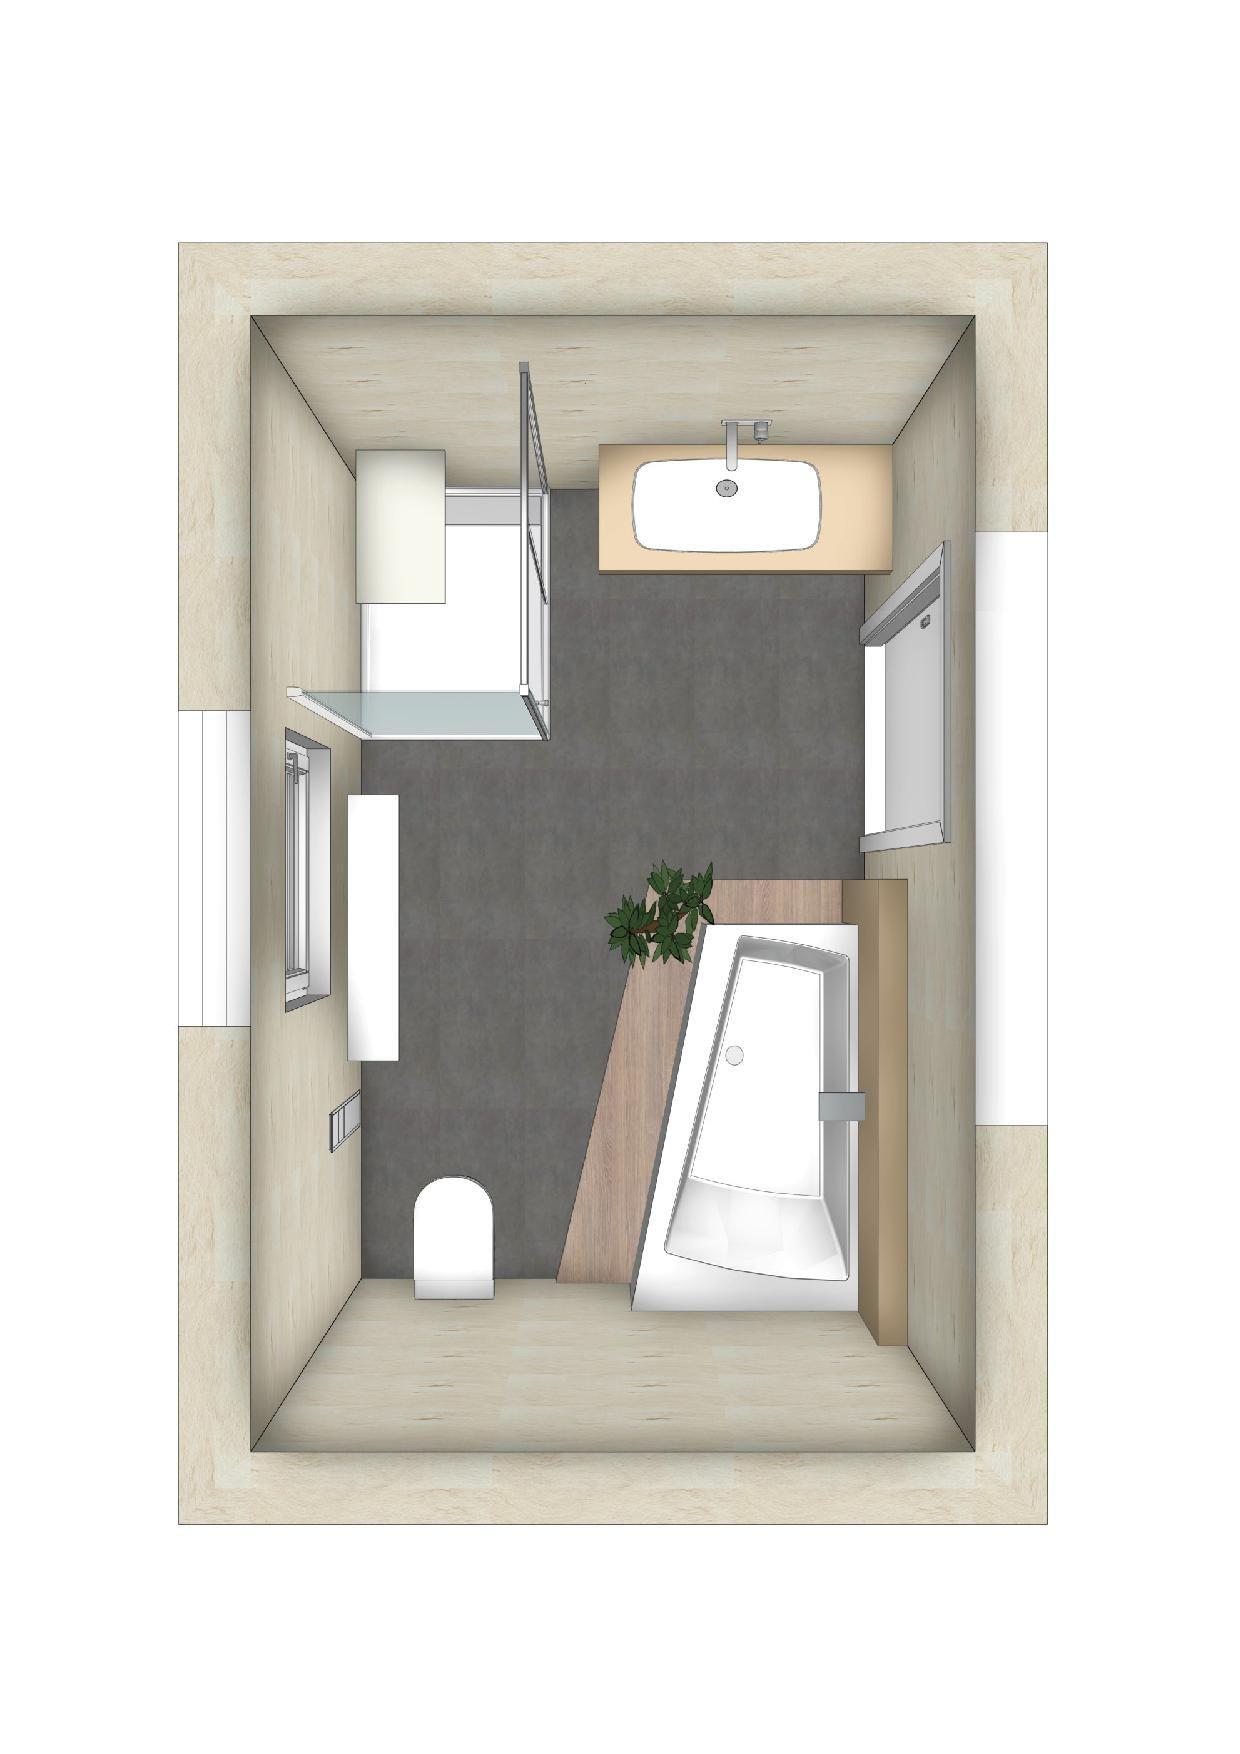 Badezimmer Planung mit Raumsparbadewanne   Bad renovieren ...